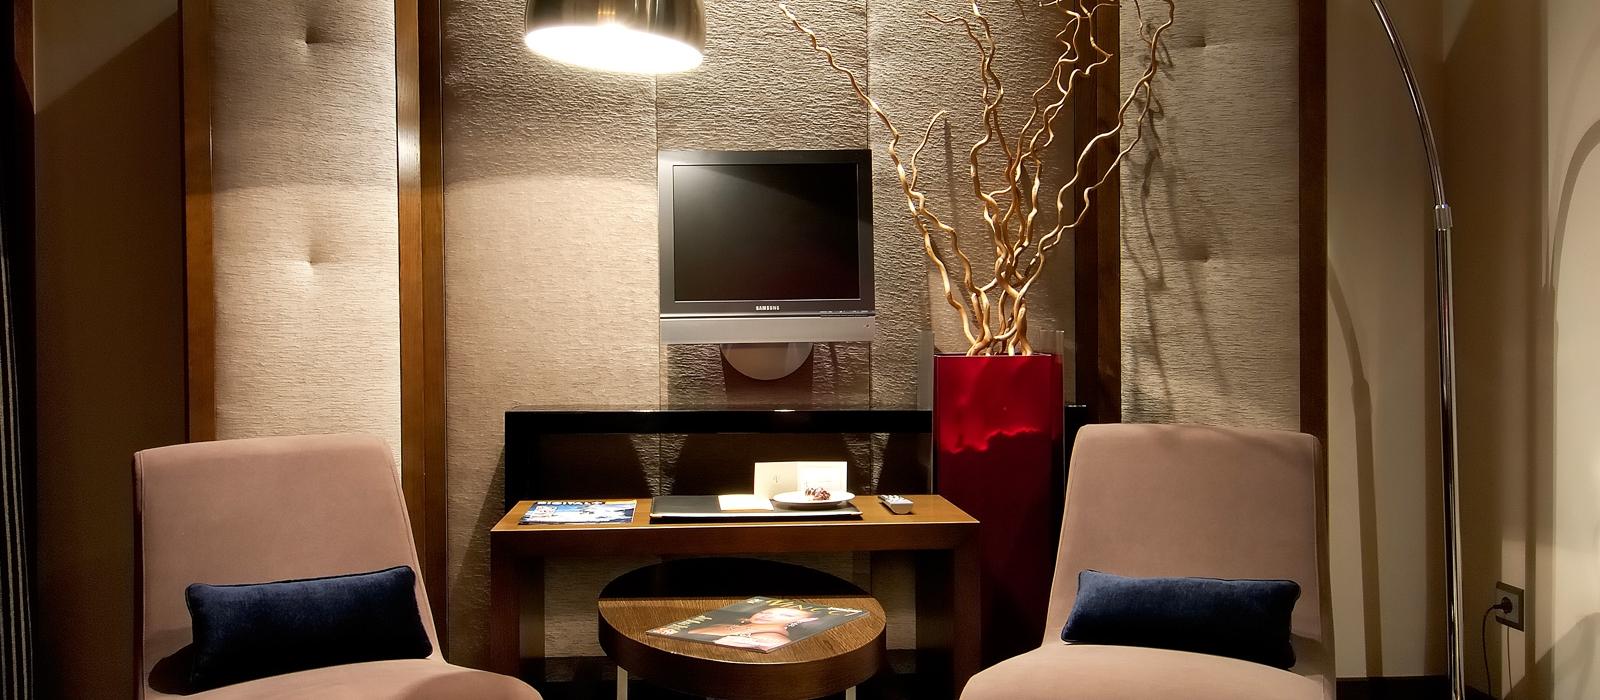 Camere Soho Hotel Madrid - Vincci Hoteles - Junior Suite